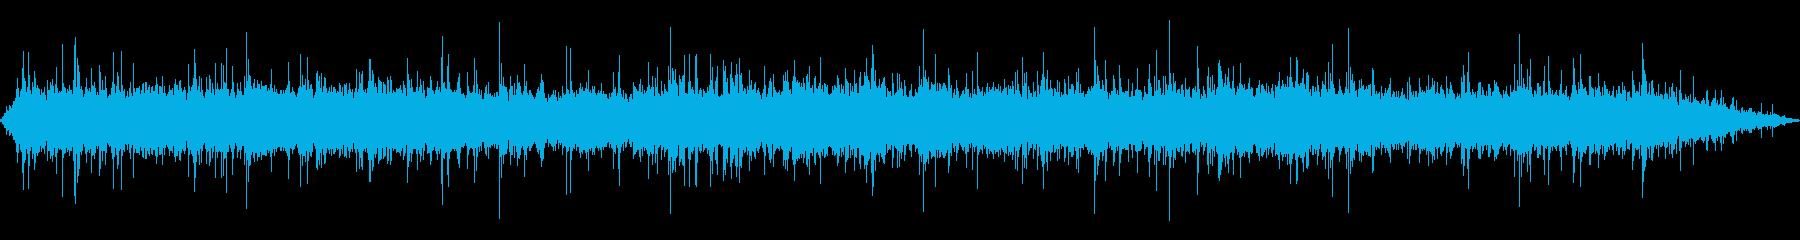 雨 雨音(家、屋根、窓などに当たる音)9の再生済みの波形